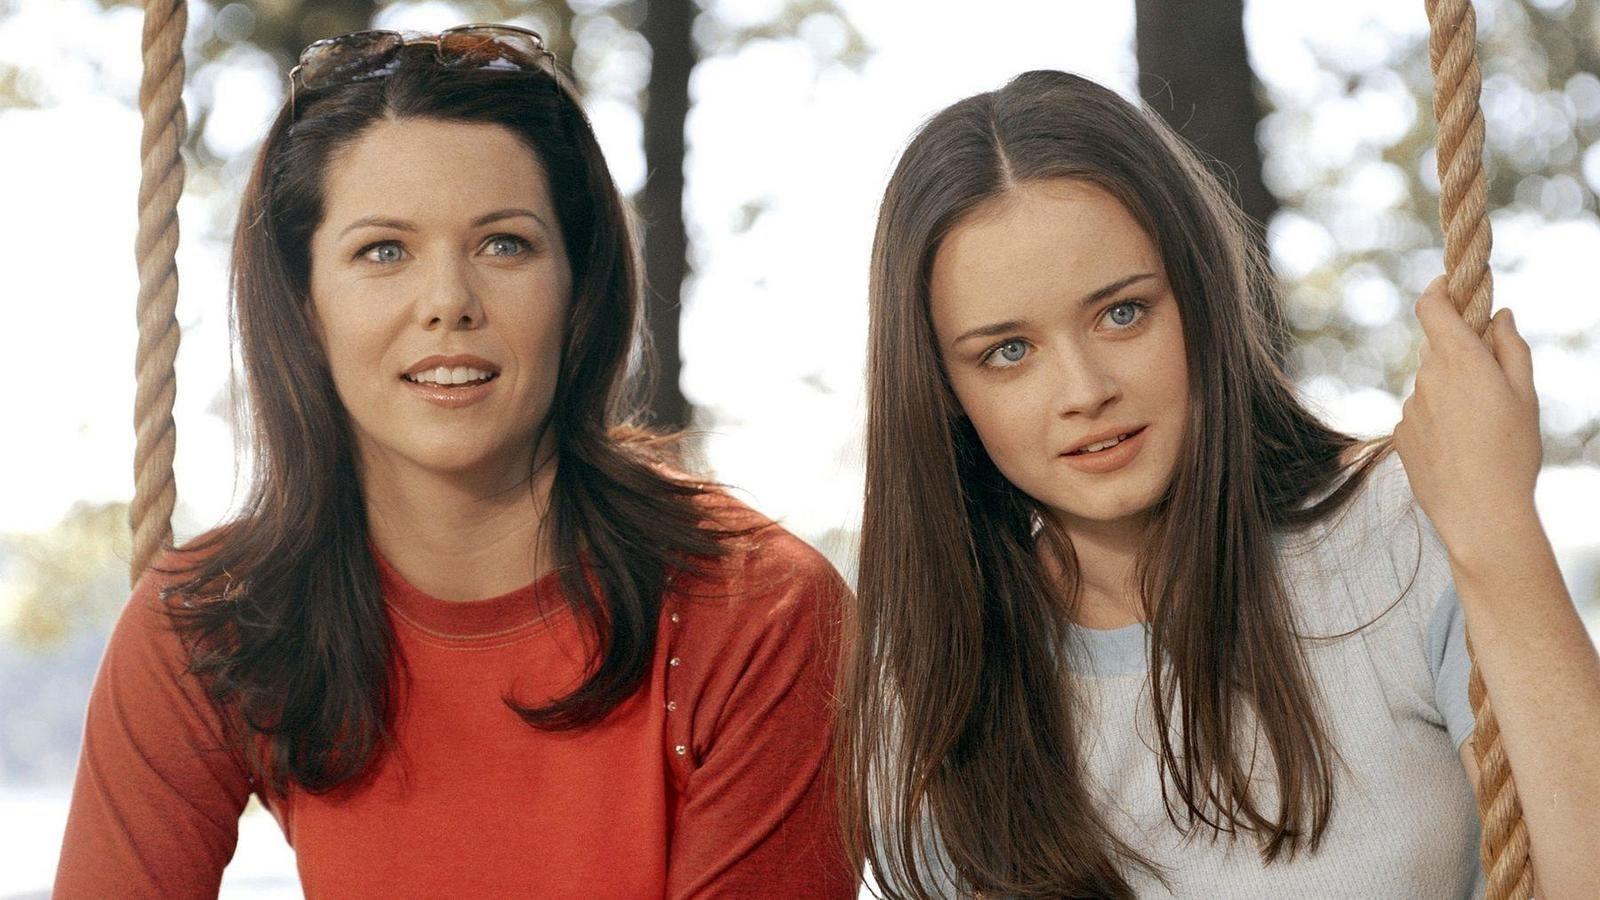 Último episódio da série foi lançado há 13 anos.